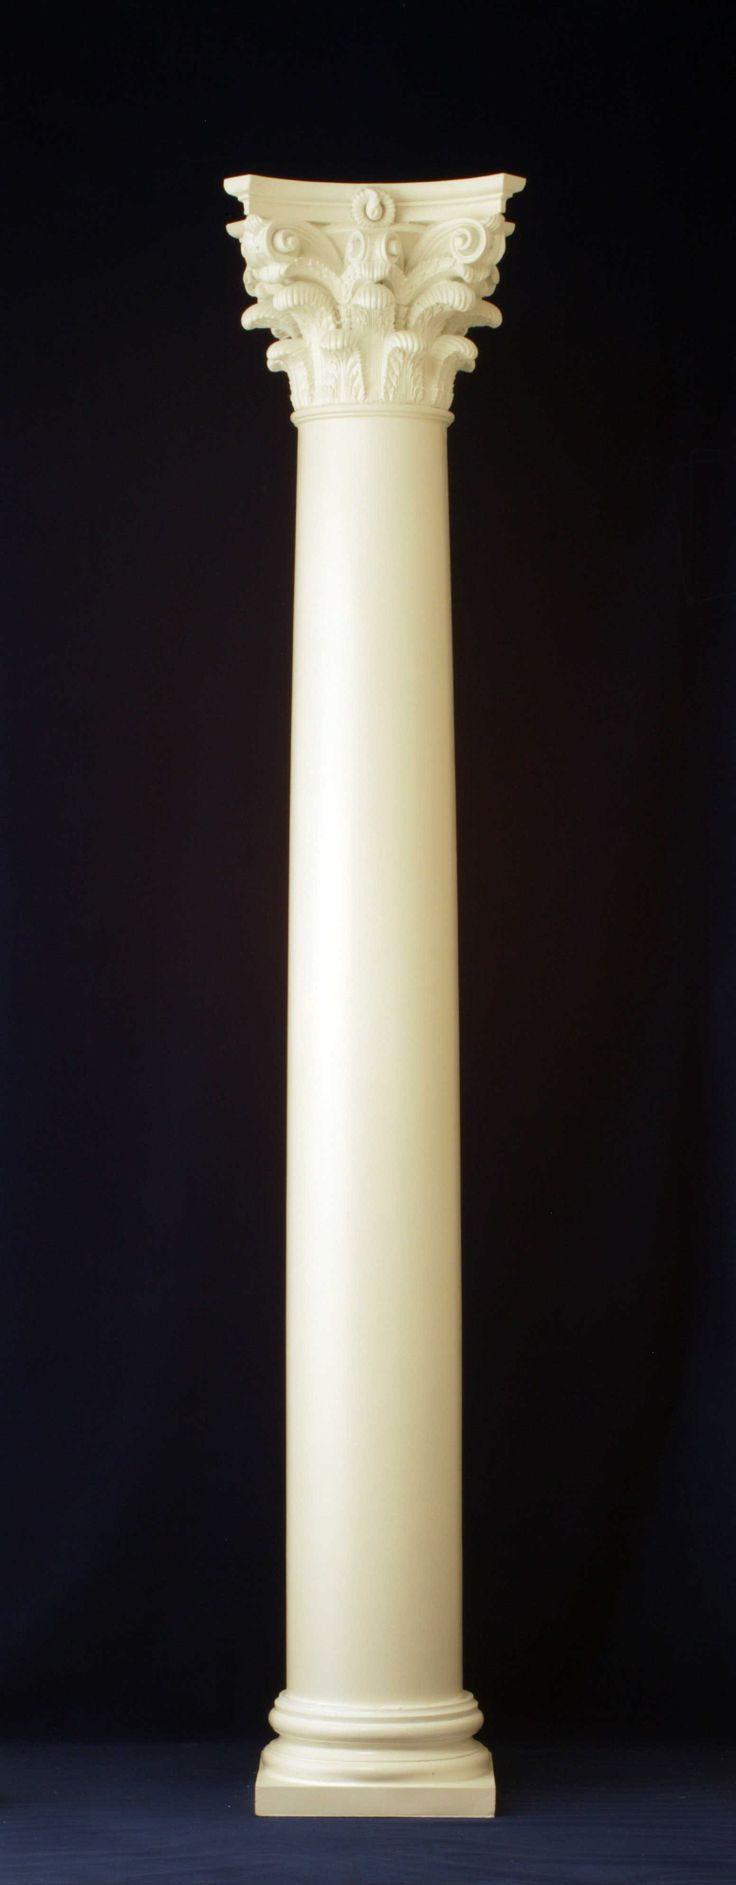 The 25 best fiberglass columns ideas on pinterest for Crown columns fiberglass